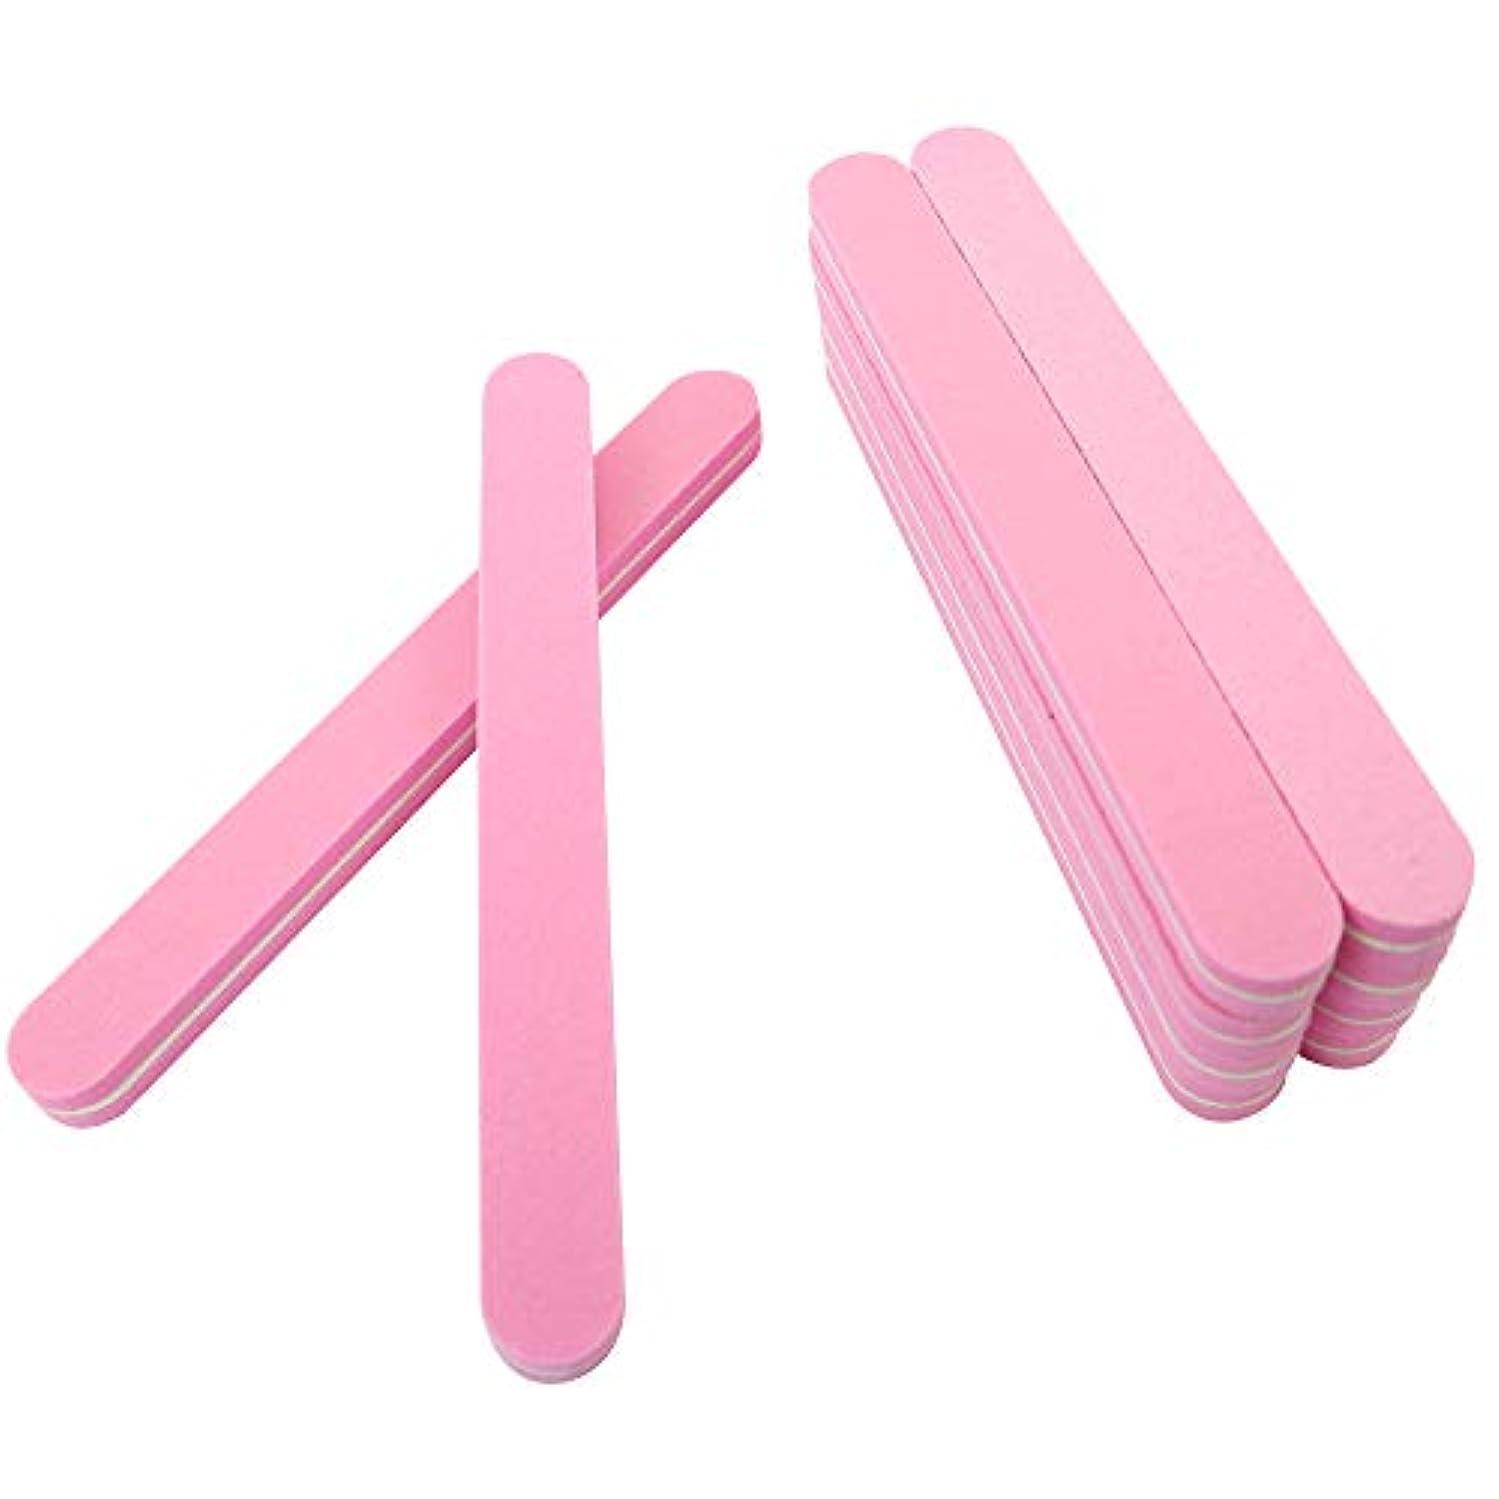 徹底アイスクリーム有益なSIEG つめピカ 爪やすり 爪先美人をめざす2ステップ磨きのネイルシャイナー 10本セット